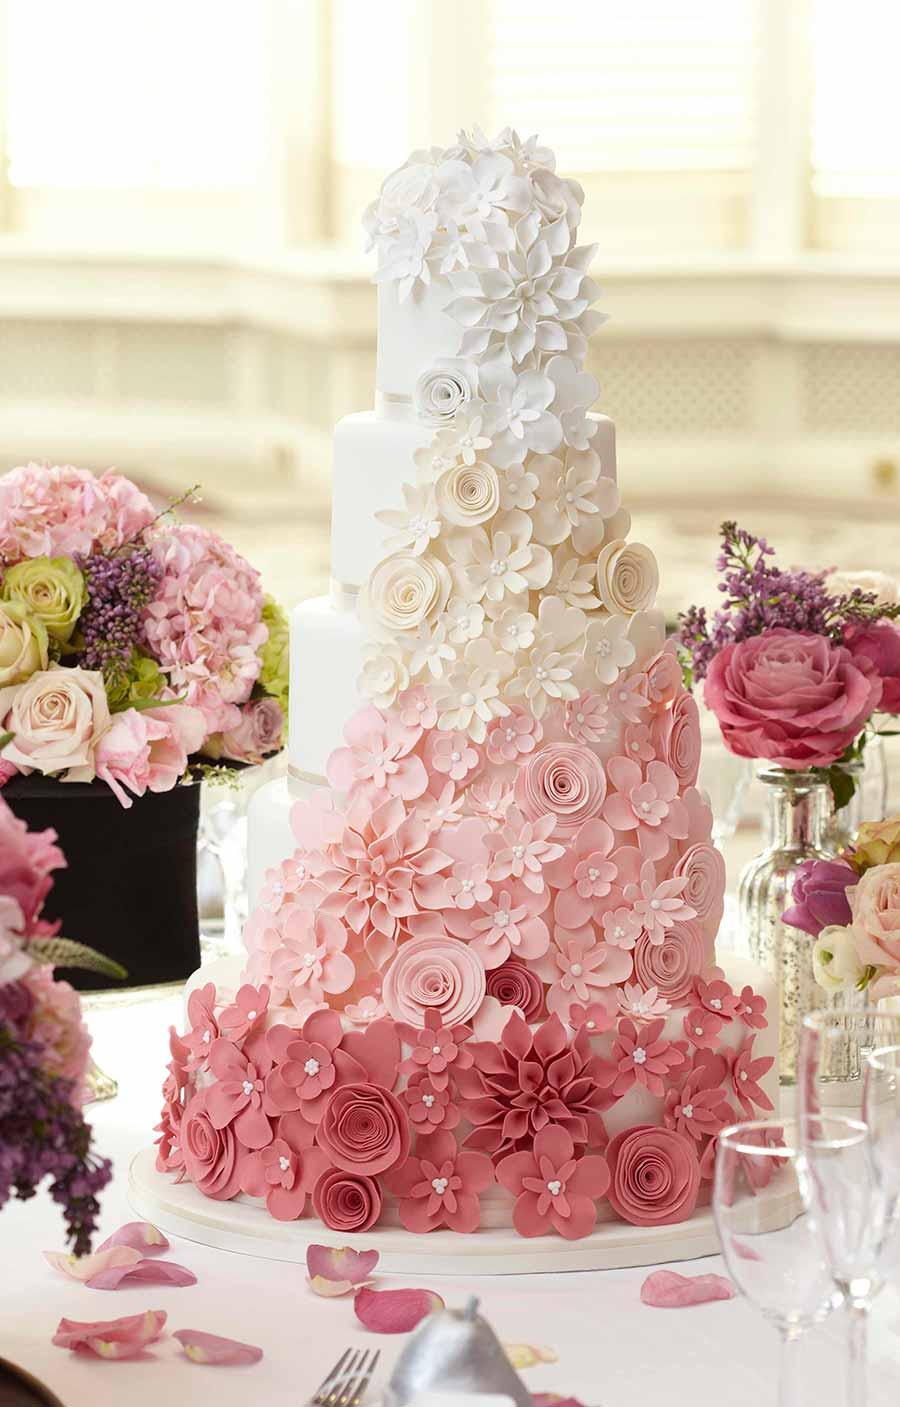 Top 50 UK Wedding Cake Designers - Page 3